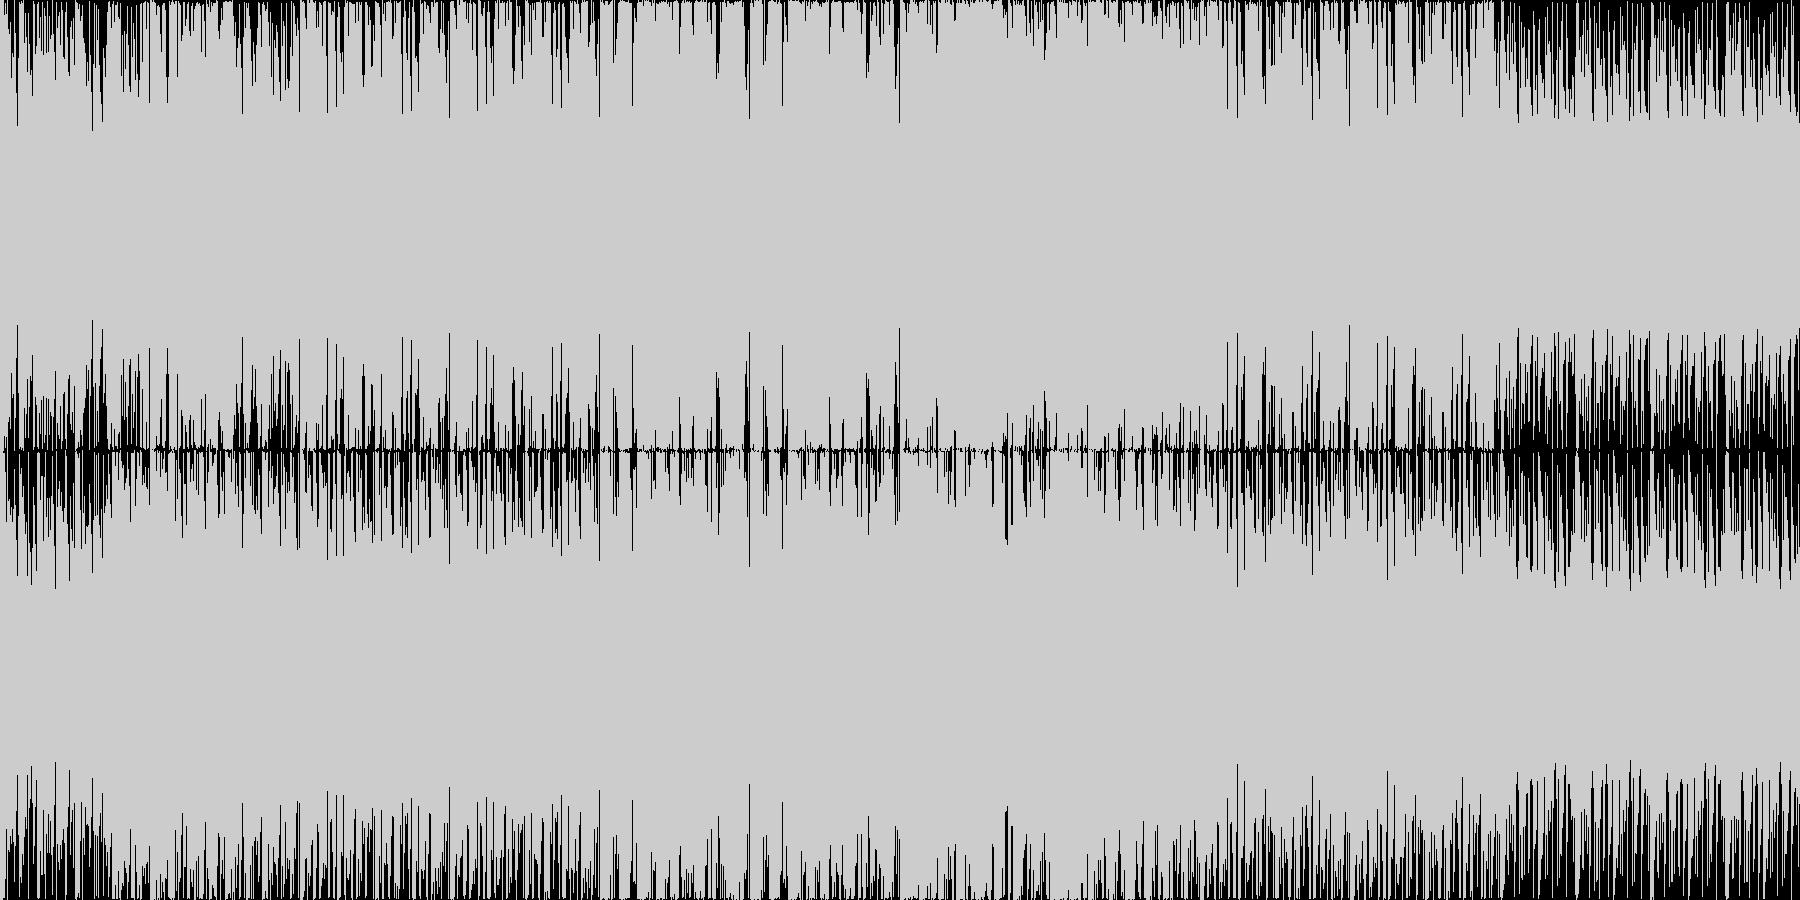 民族楽器を使用した疾走感のあるループ楽曲の未再生の波形